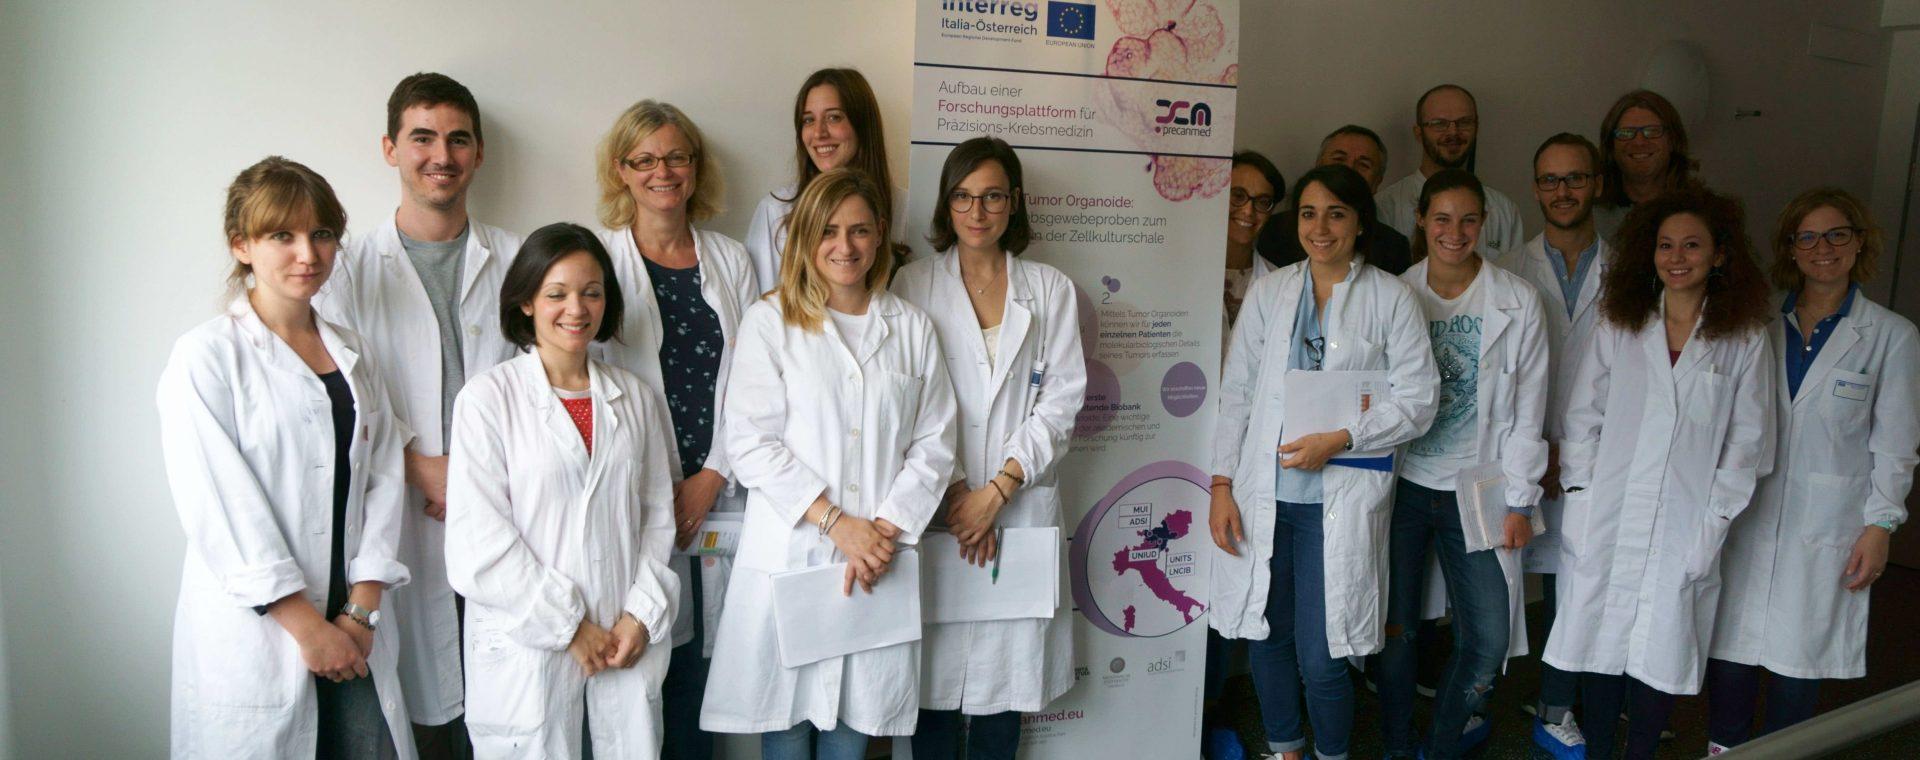 Medicina anticancro di precisione: PreCanMed forma giovani ricercatori sulla tecnologia degli organoidi tumorali